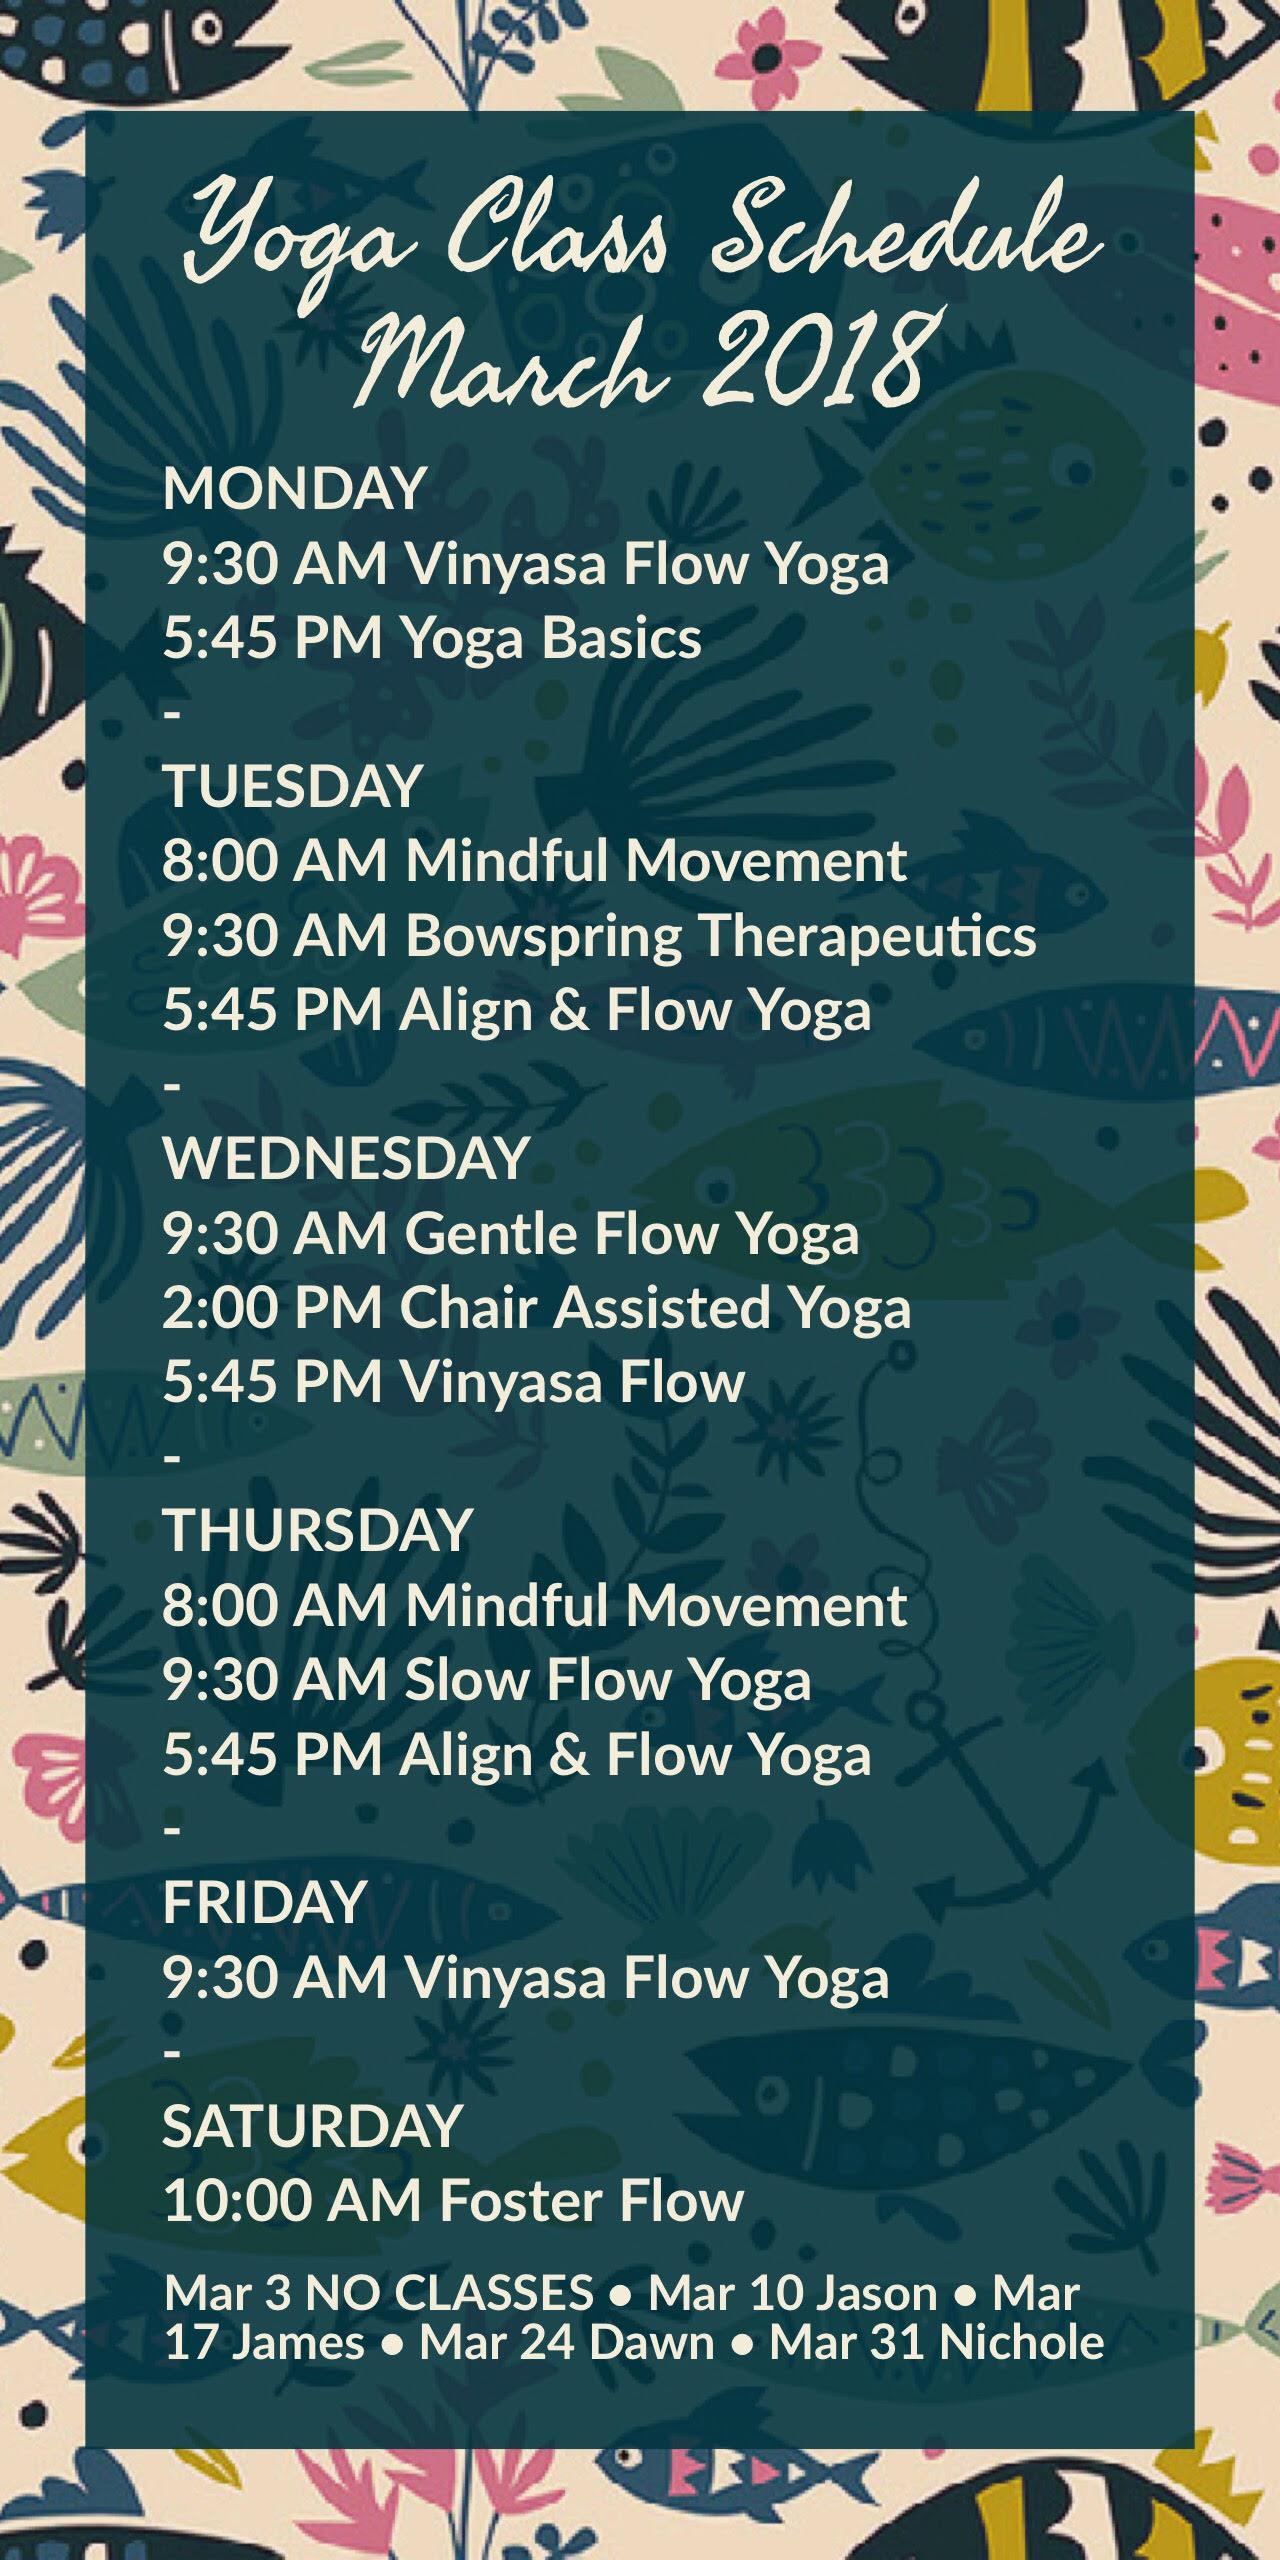 March 2018 Yoga Class Schedule